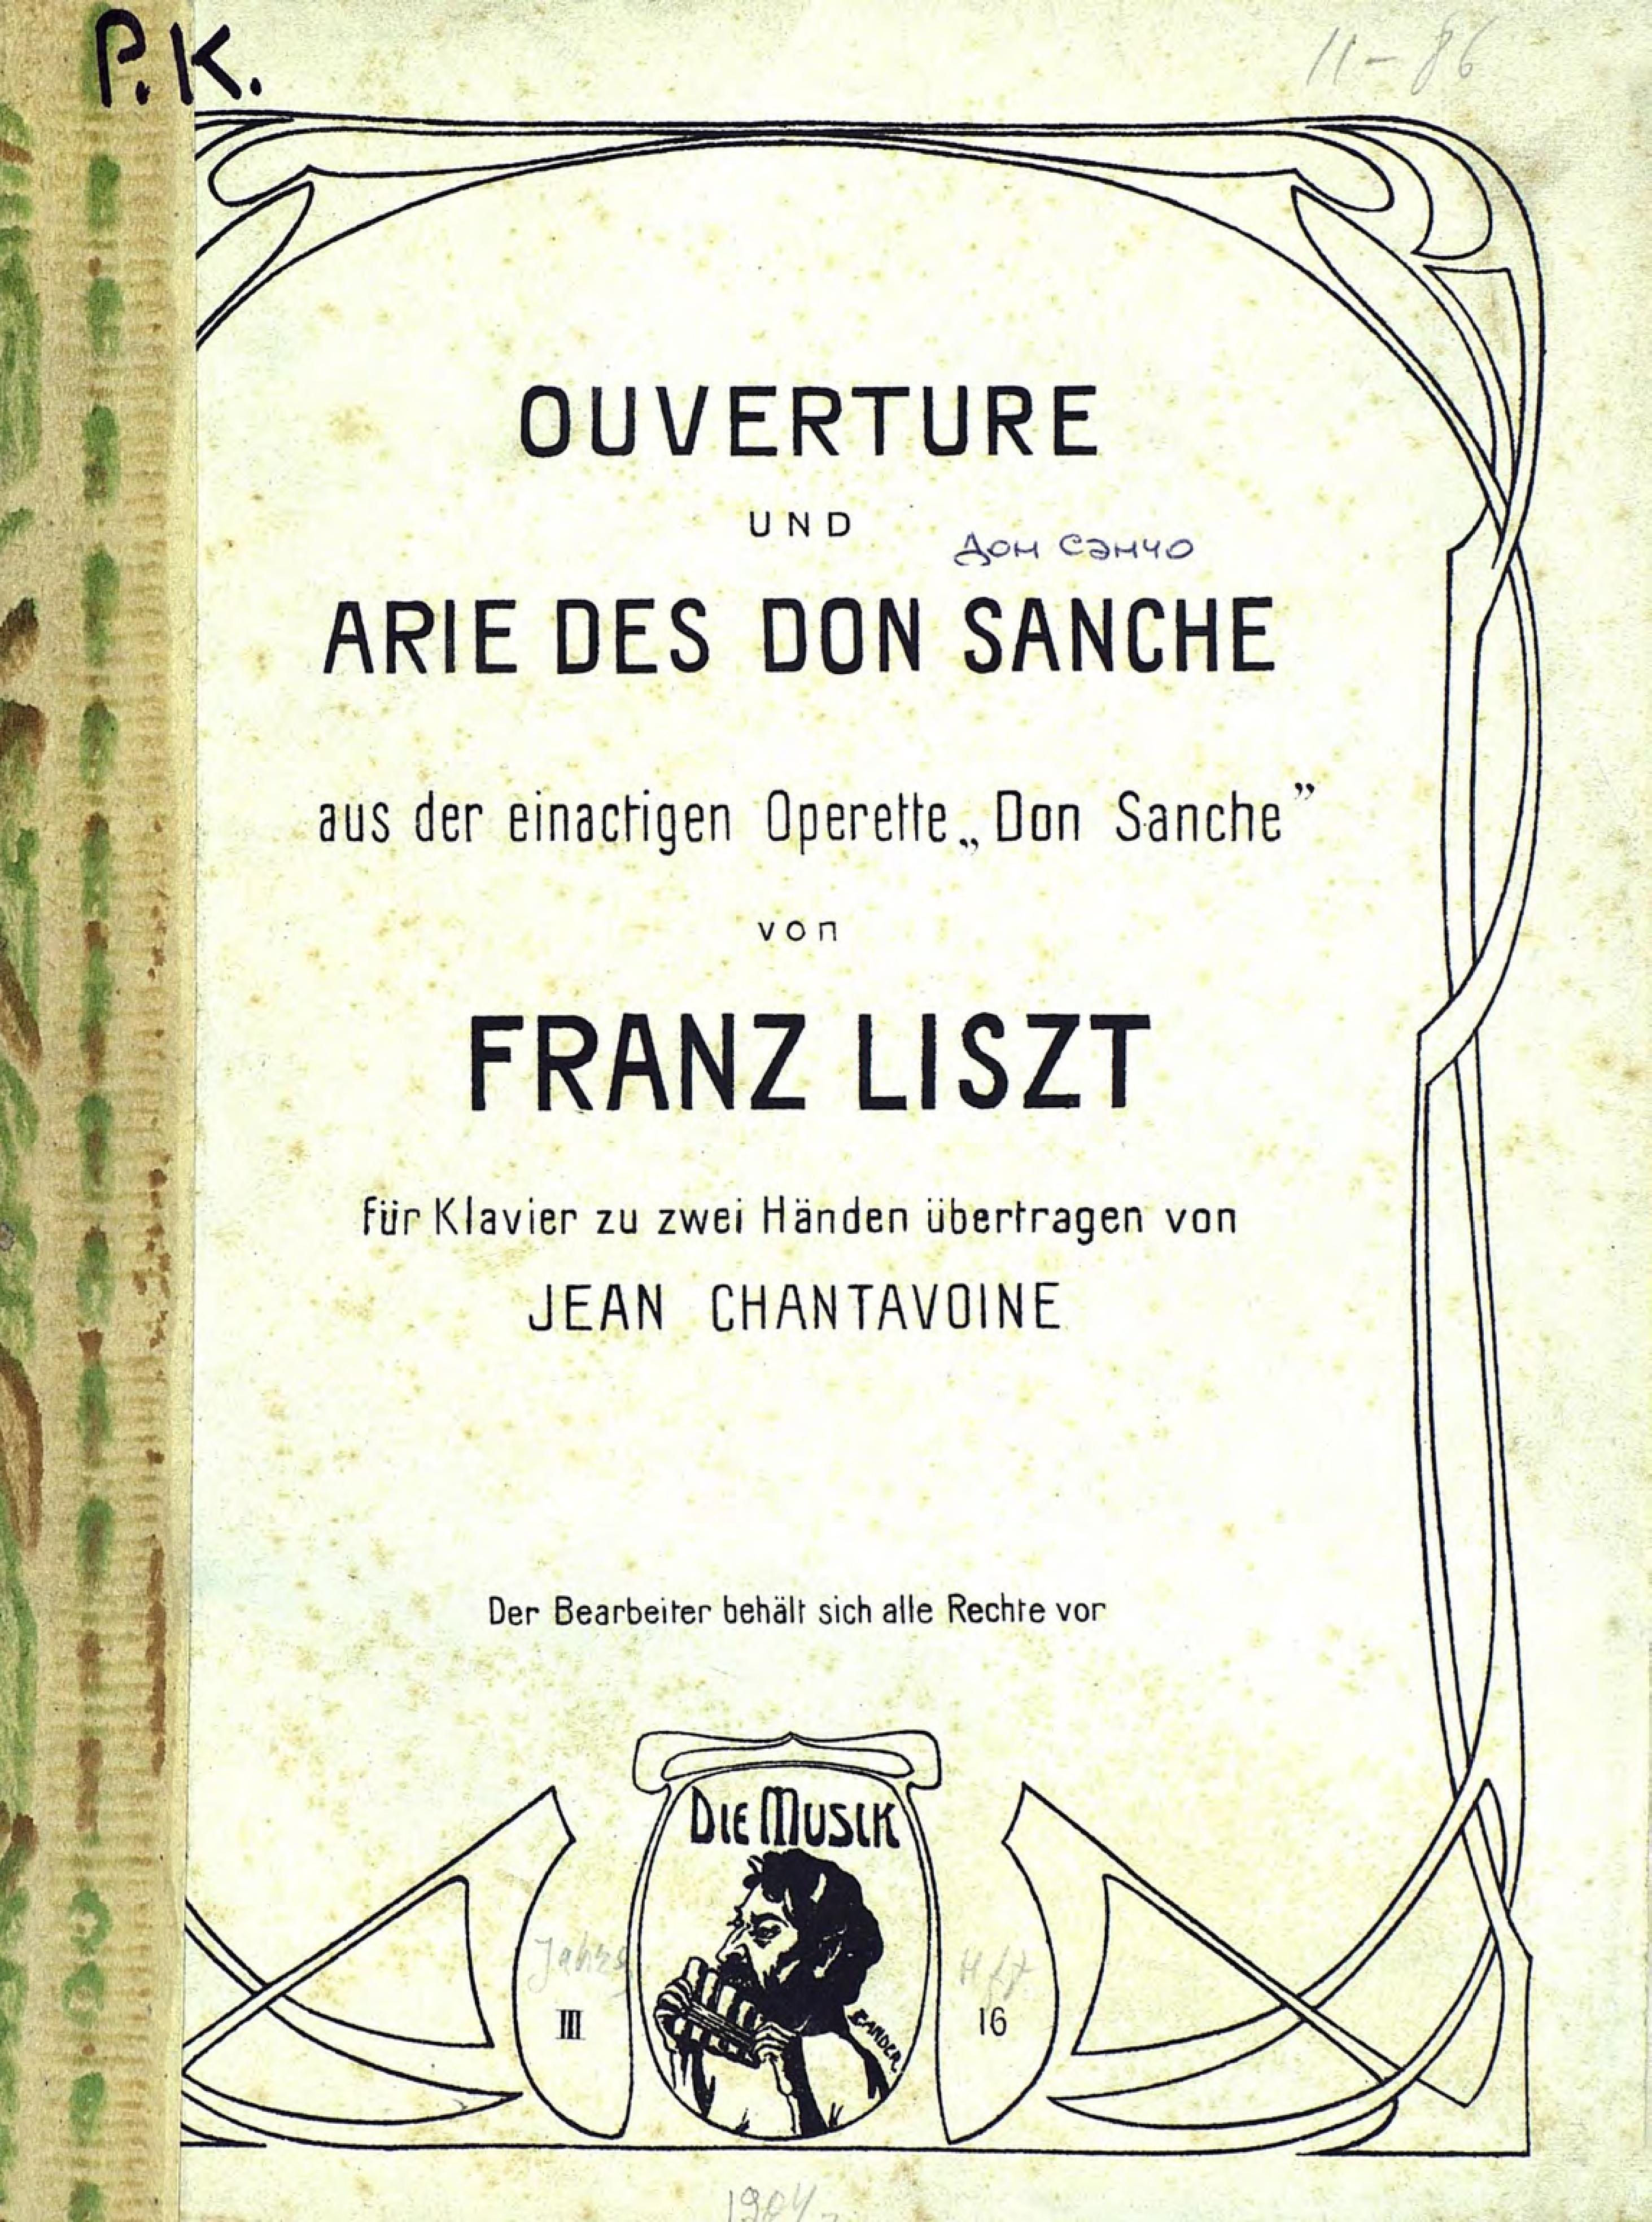 Ференц Лист Ouverture und Arie des don Sanche aus der einactigen Operette Don Sanche von F. Liszt hermann von staff der befreiungs krieg der katalonier in den jahren 1808 bis 1814 t 2